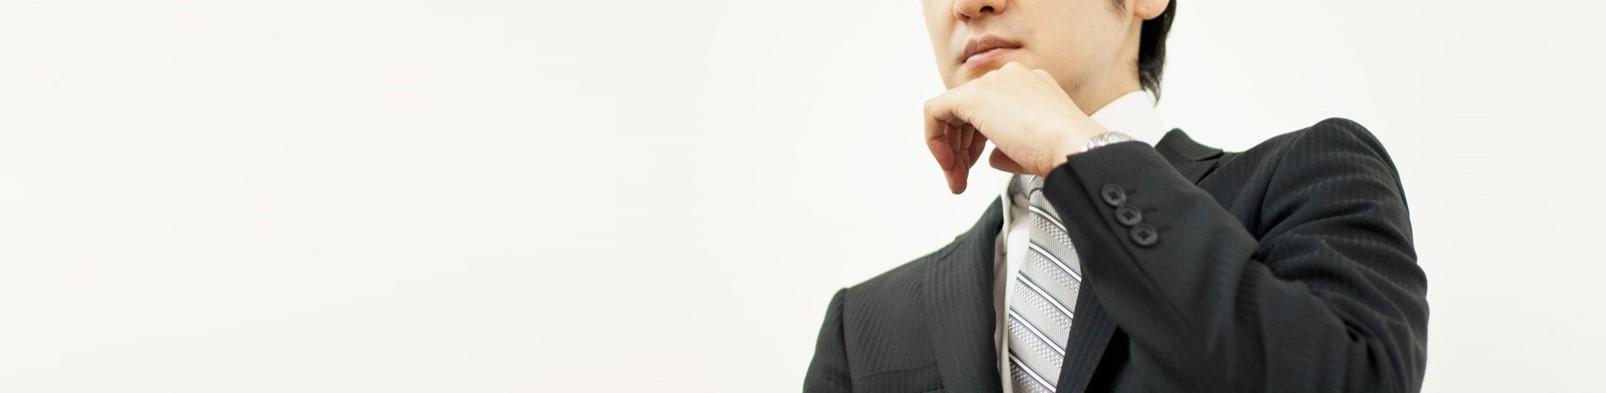 法人企業向けメンタルヘルス研修_認知行動療法研修_考え方のくせに気づく、のコラム